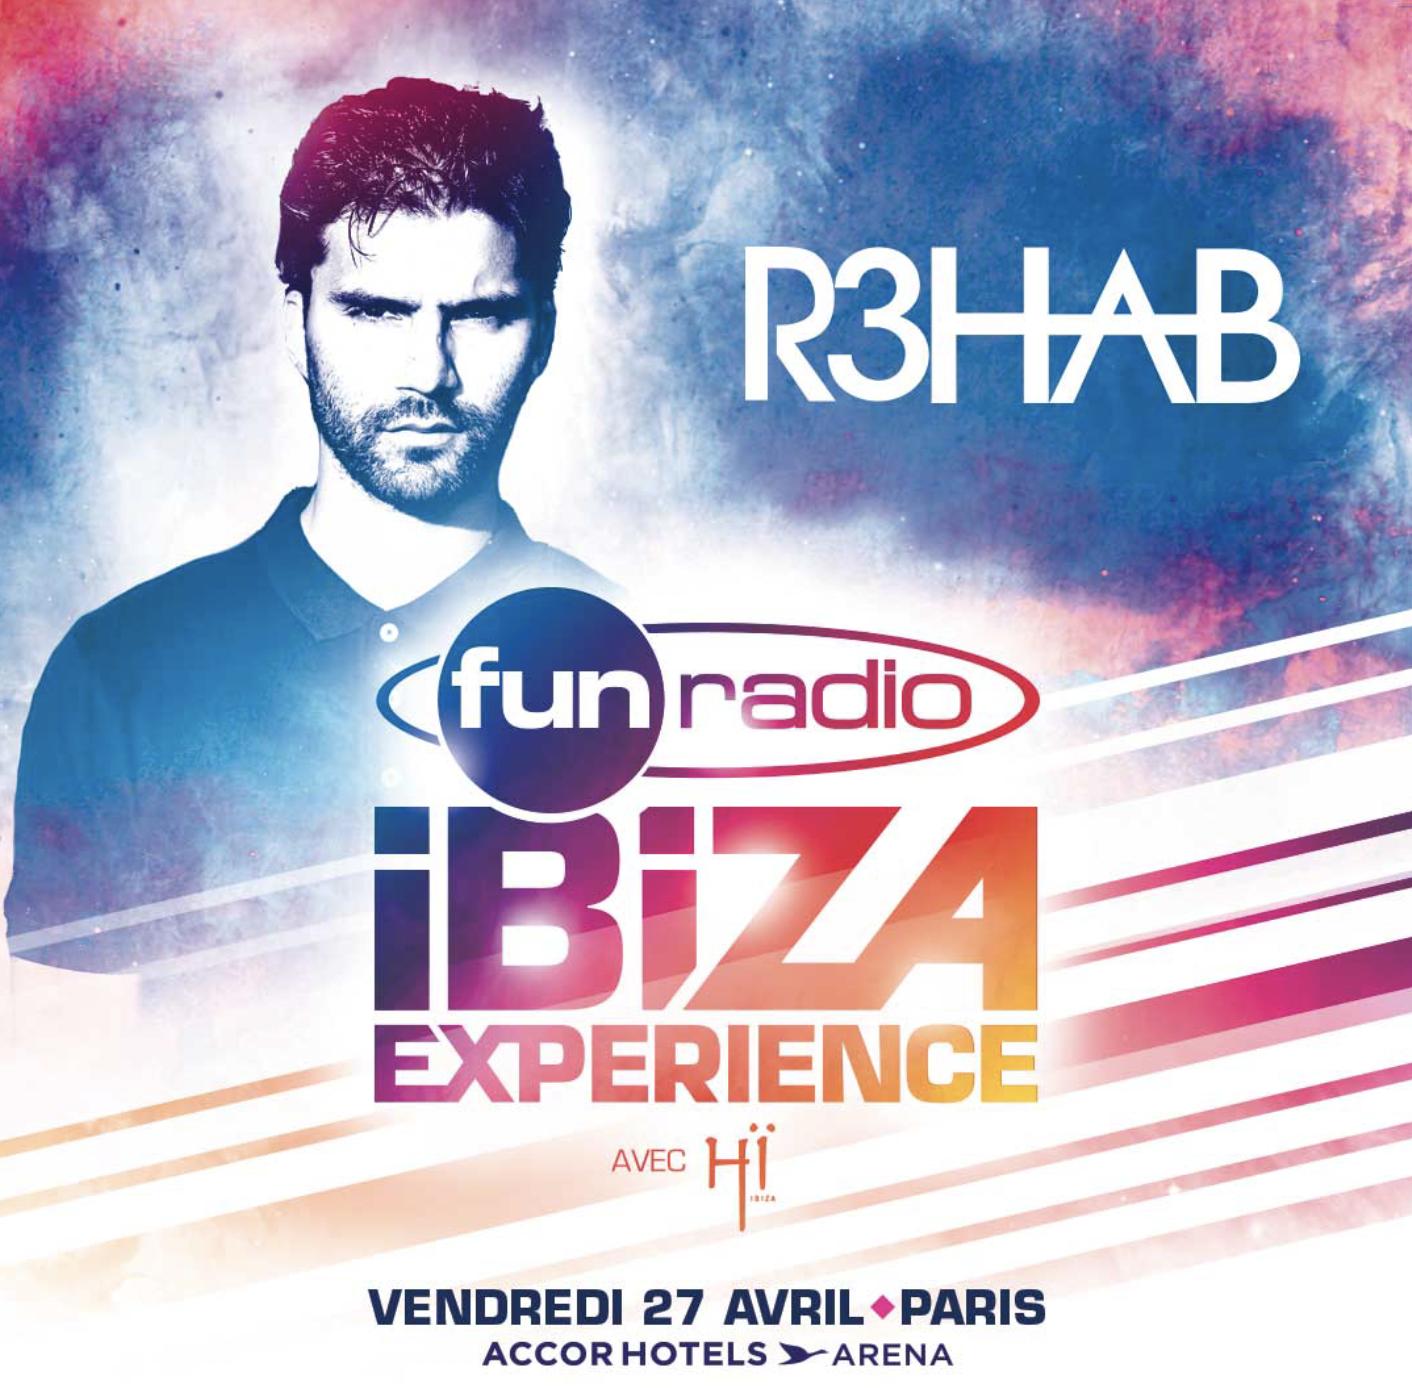 Le DJ R3HAB sur la scène de la Fun Radio Ibiza Experience